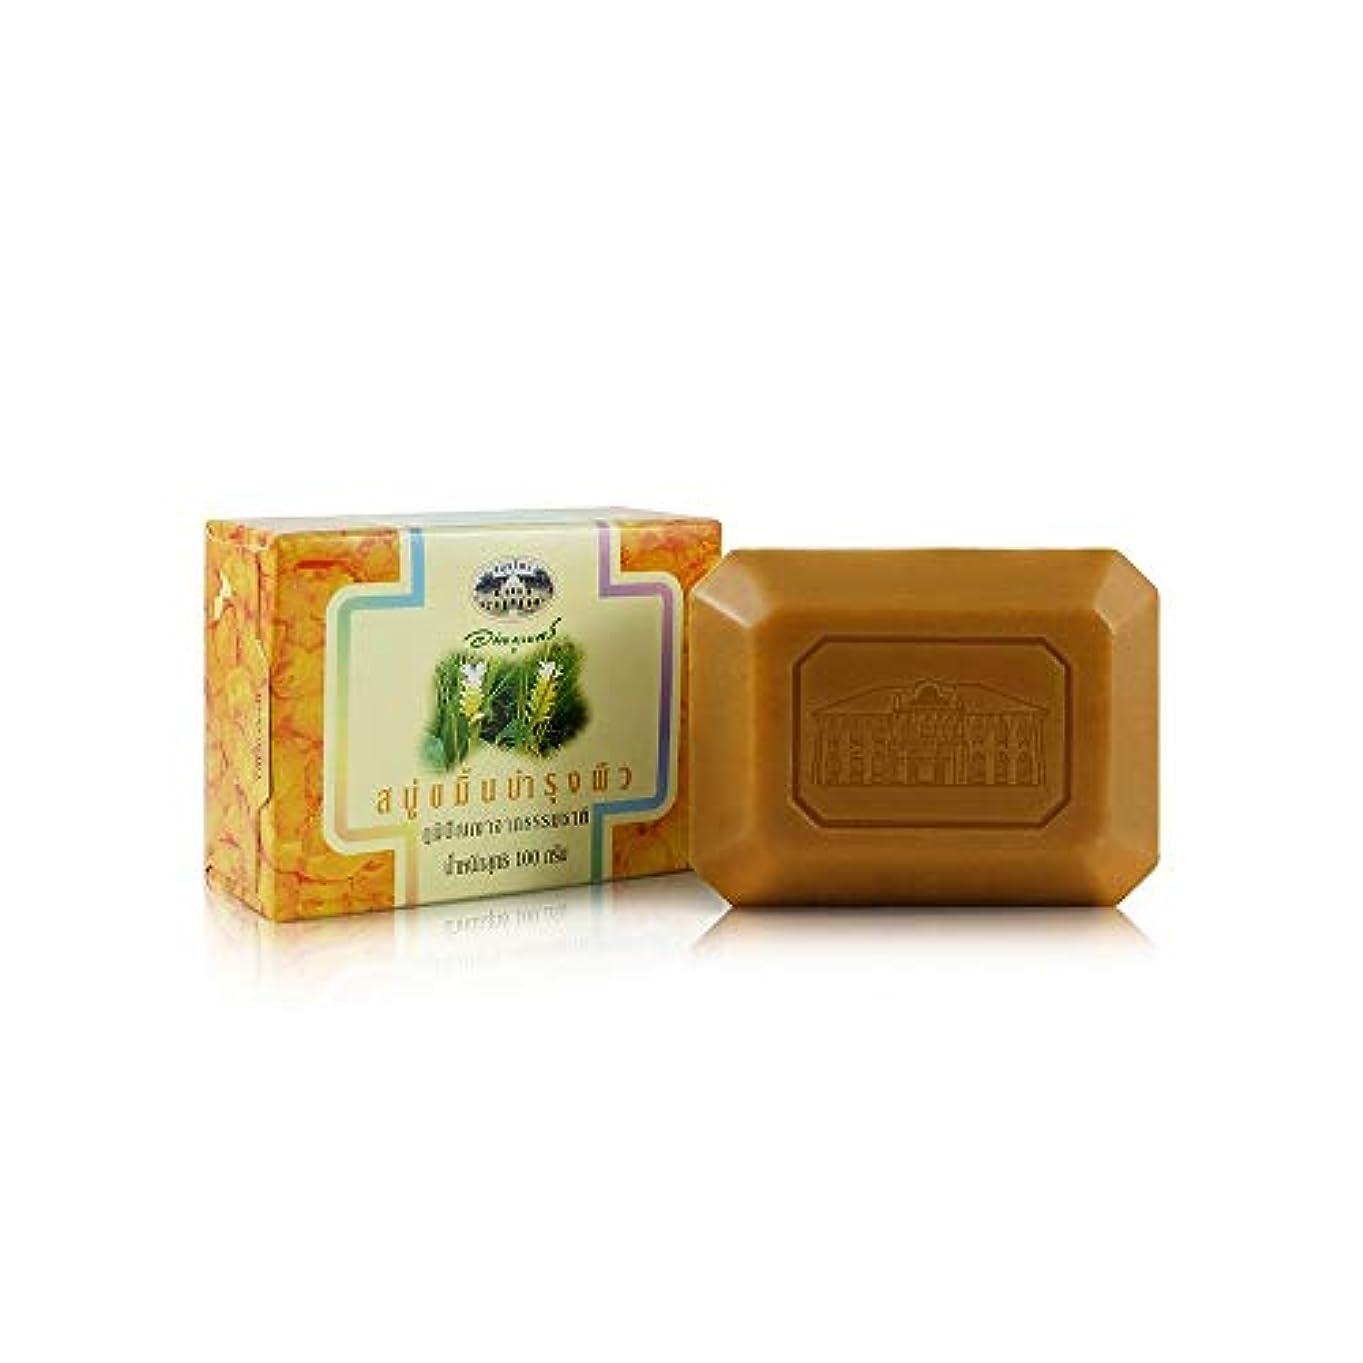 メタルラインぶら下がる要塞Abhaibhubejhr Turmeric Herbal Body Cleansing Soap 100g. Abhaibhubejhrターメリックハーブボディクレンジングソープ100グラム。